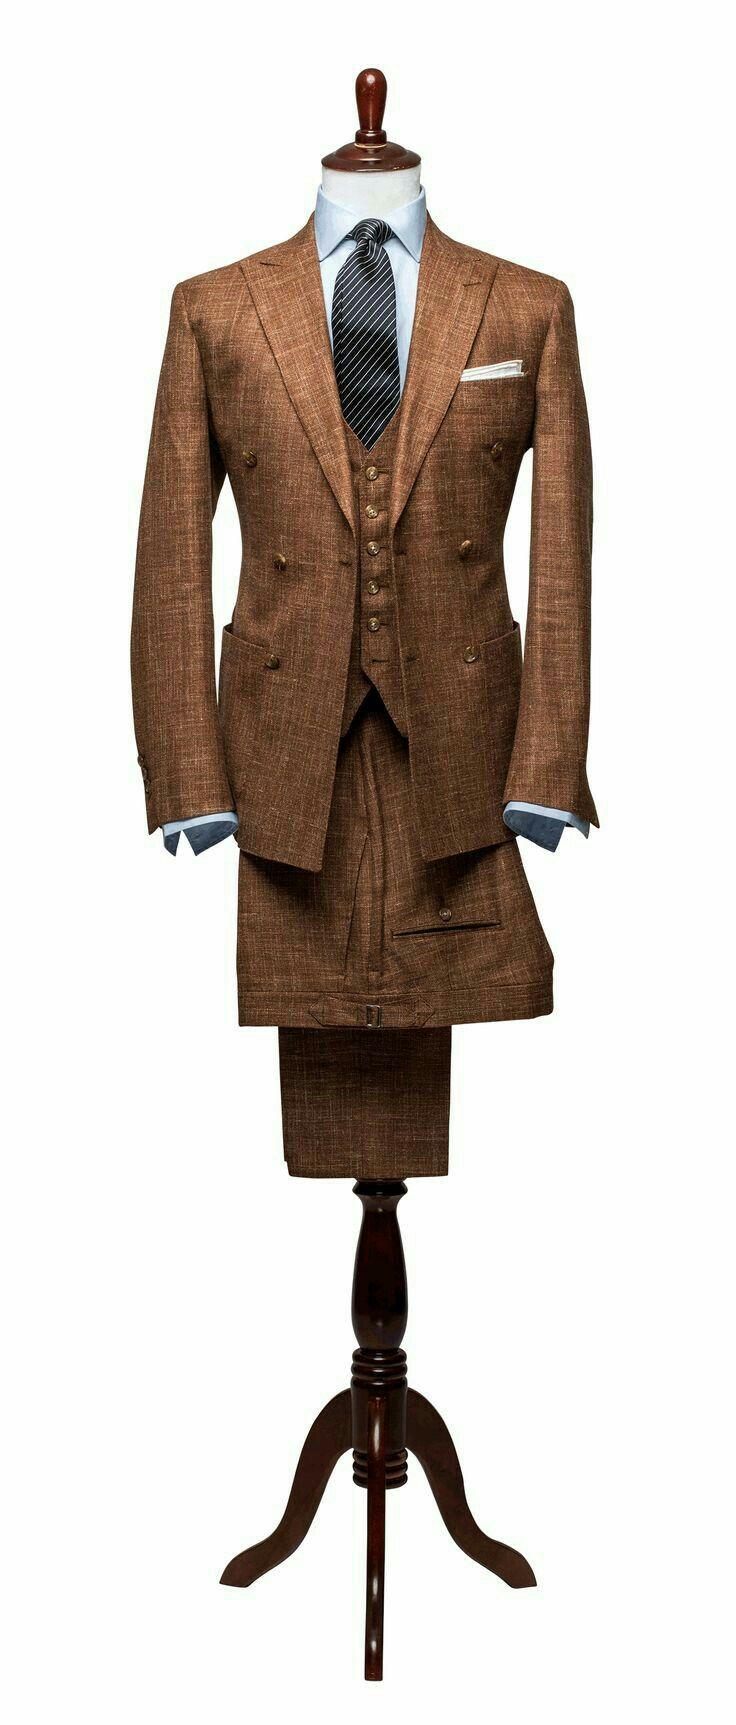 Outfit Inspiration: Igor